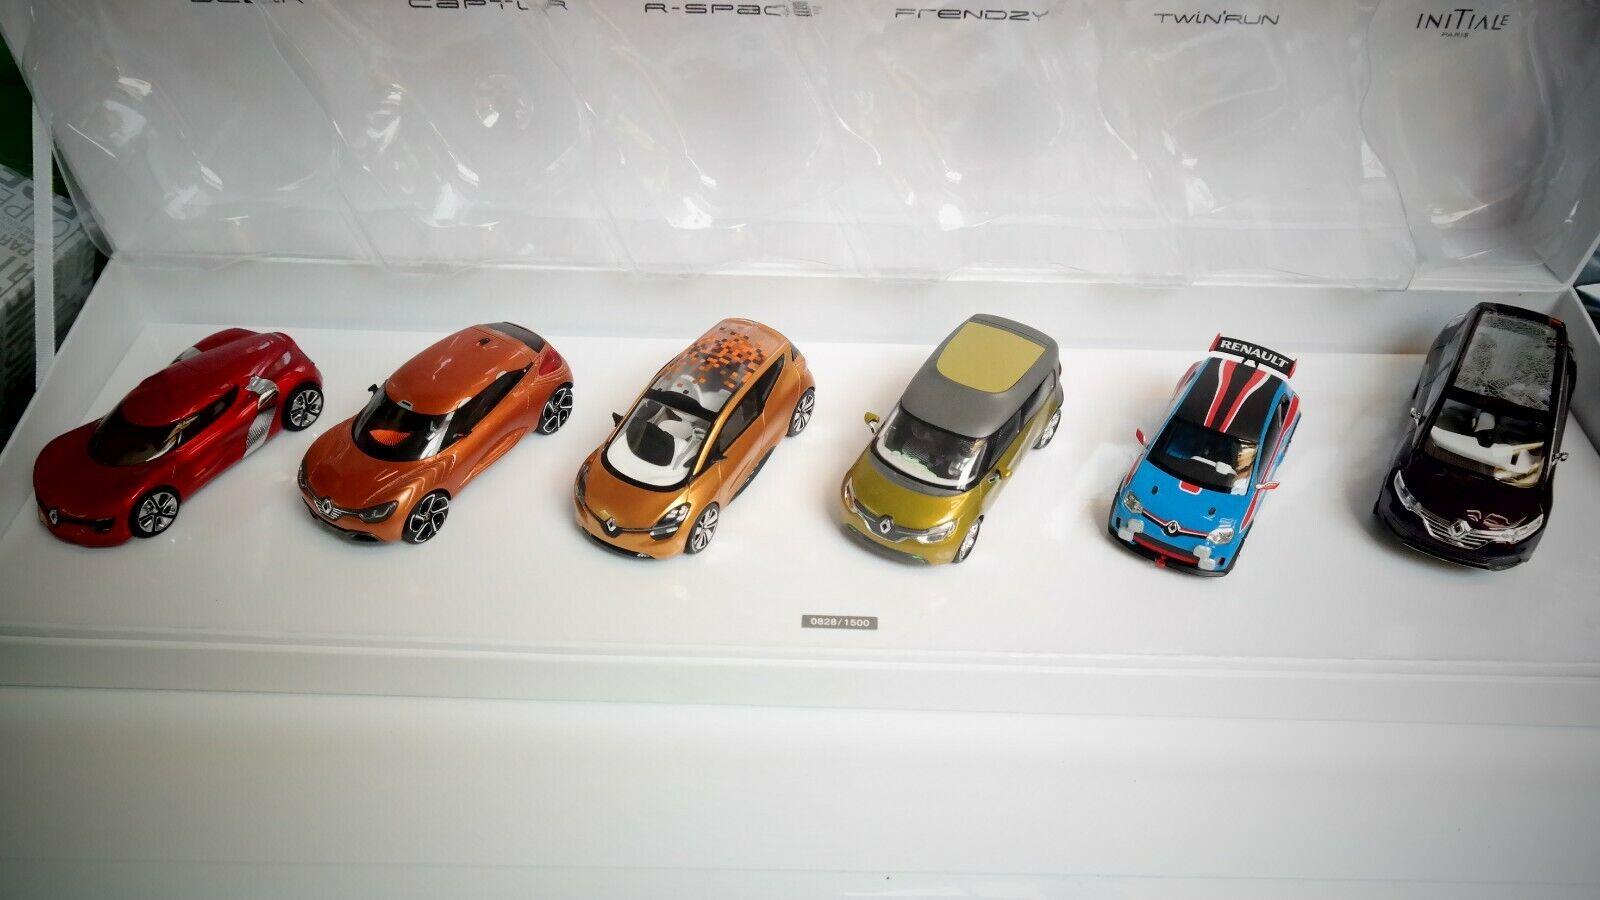 Coffret 6 concept cars Renault 1 43 éme Norev sous emballage scellé